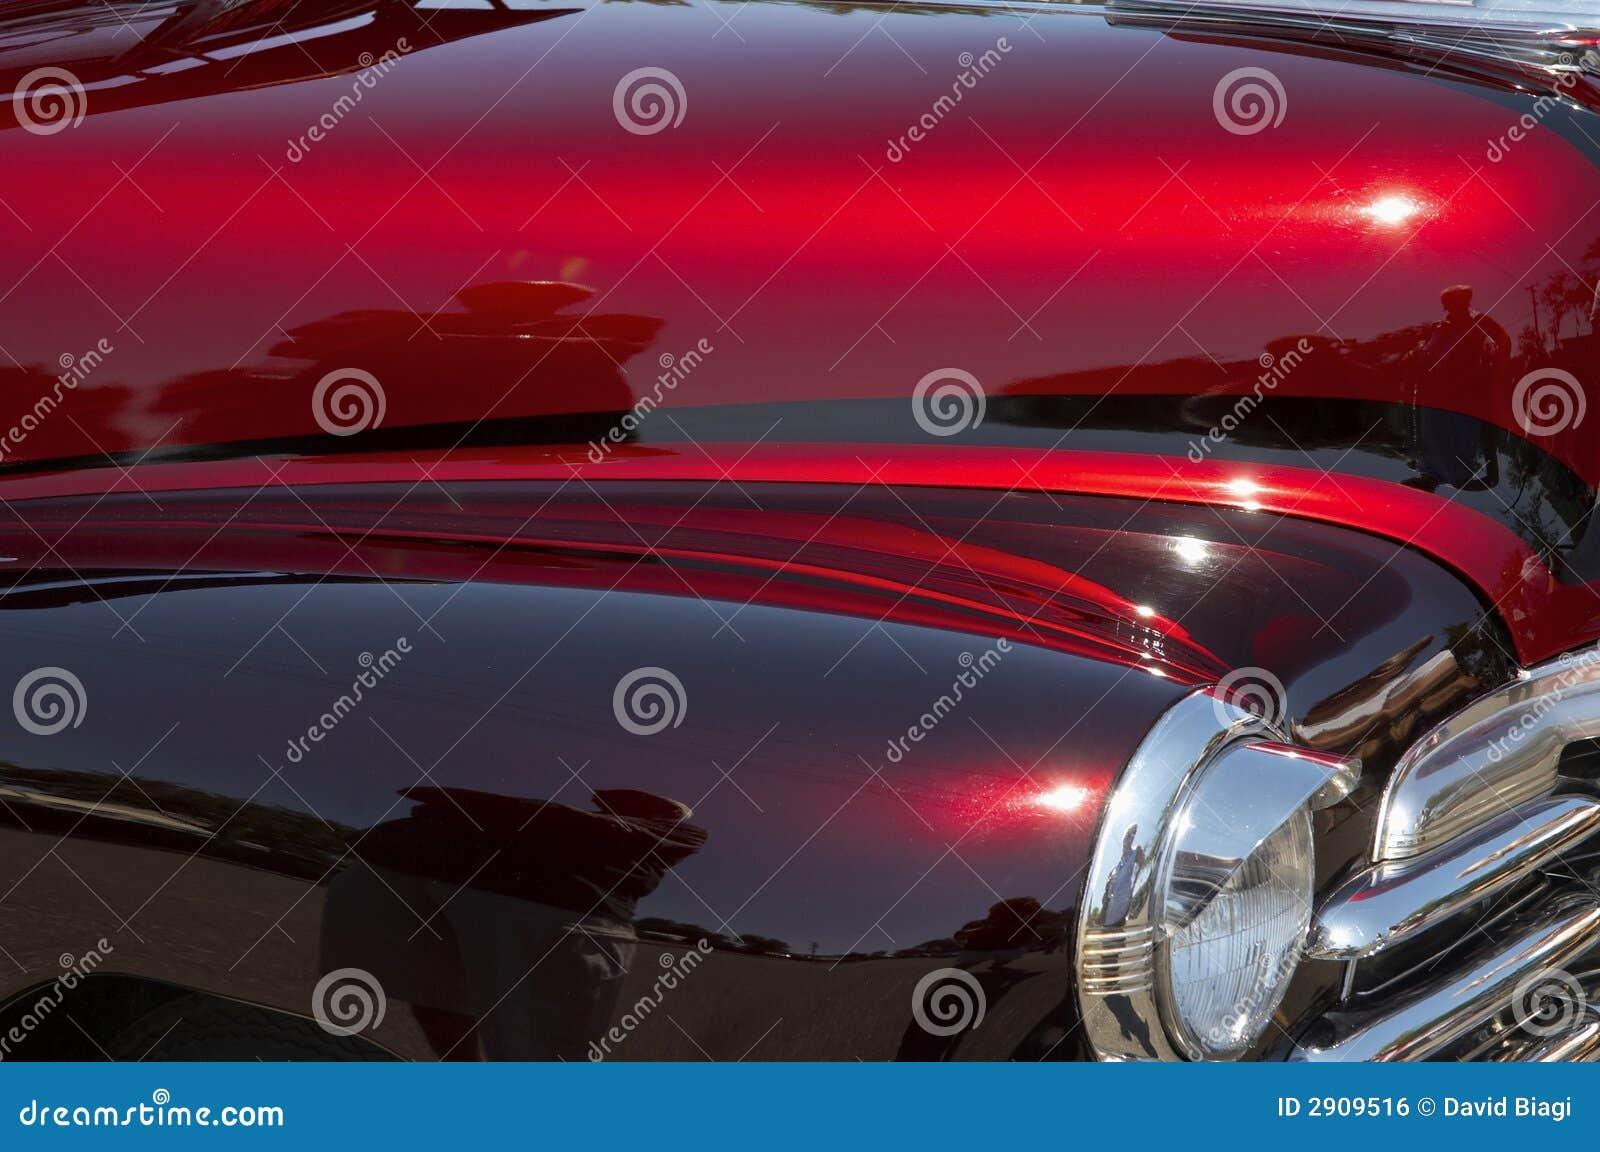 Best Stock Car Paint Job